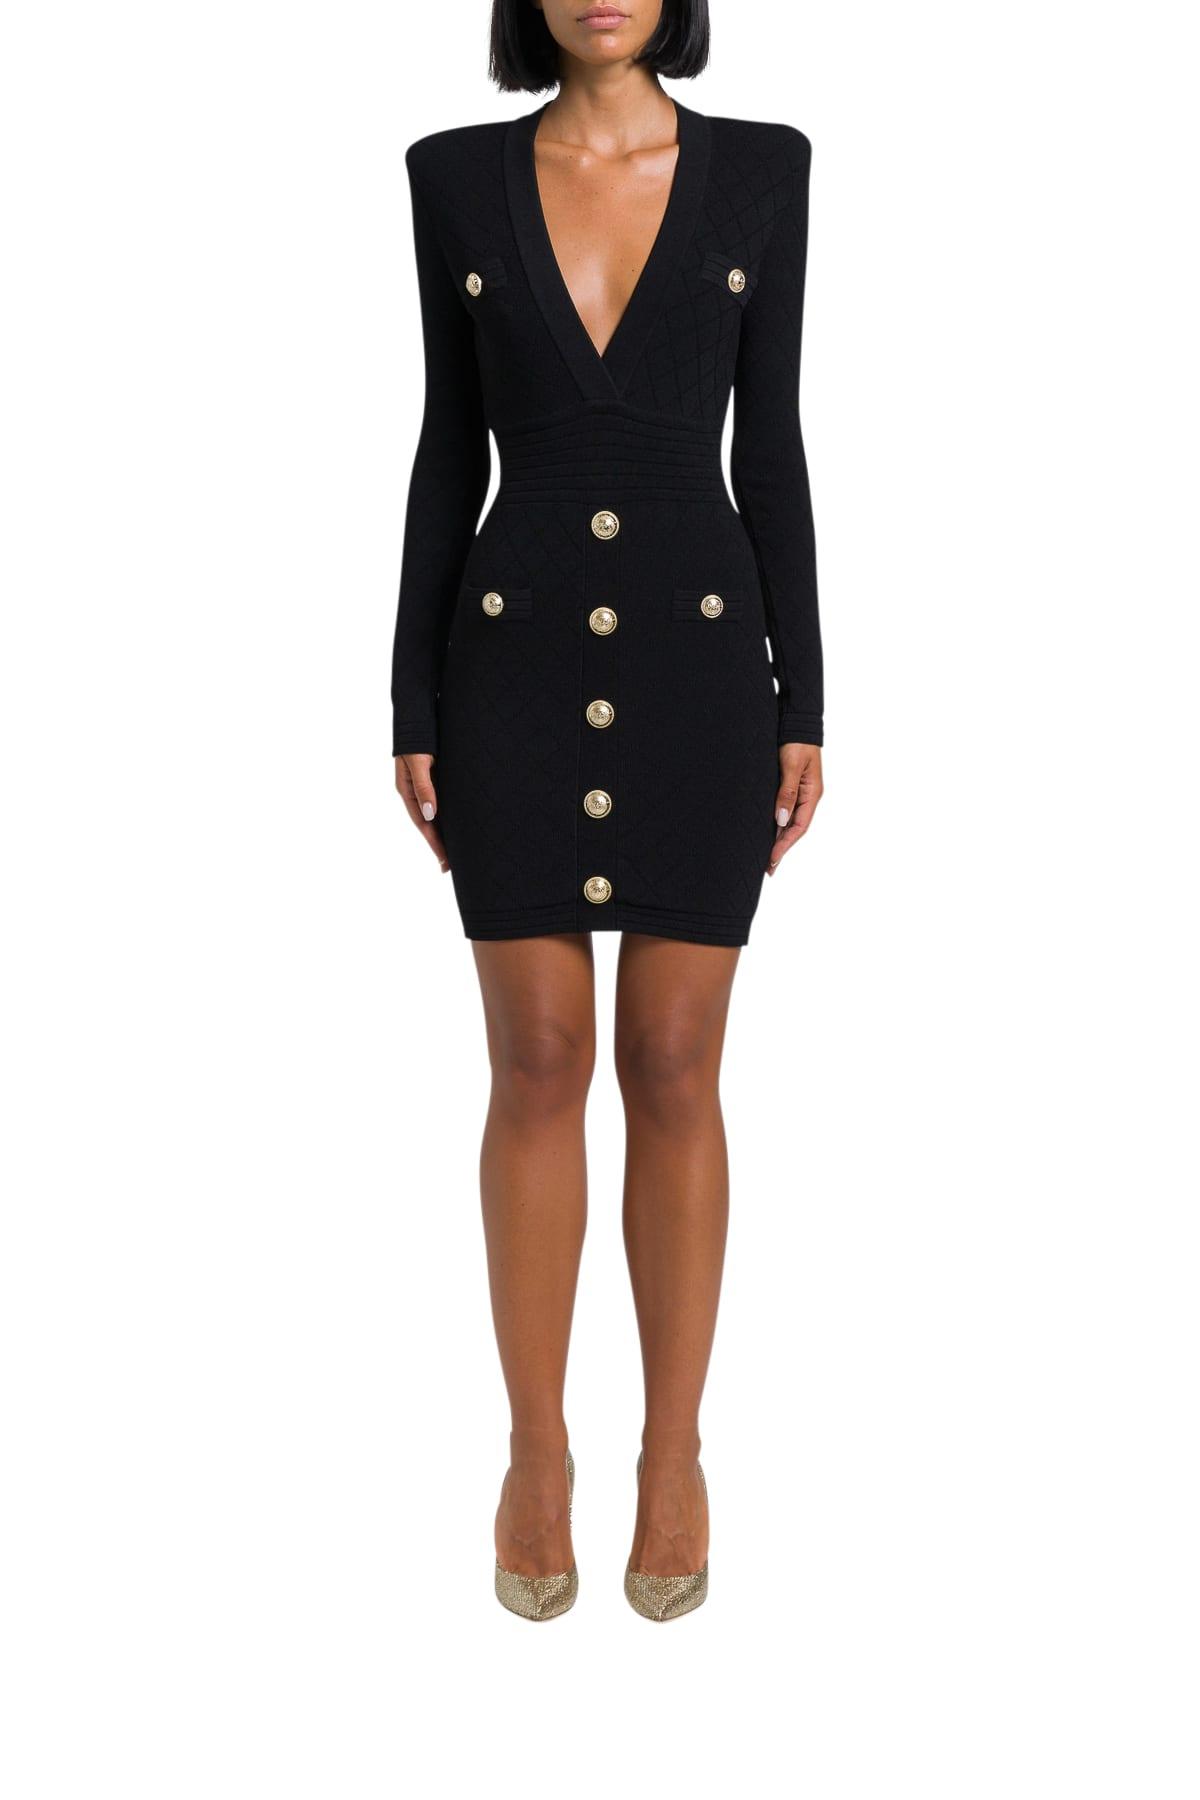 Balmain Jersey Dress With Golden Buttons